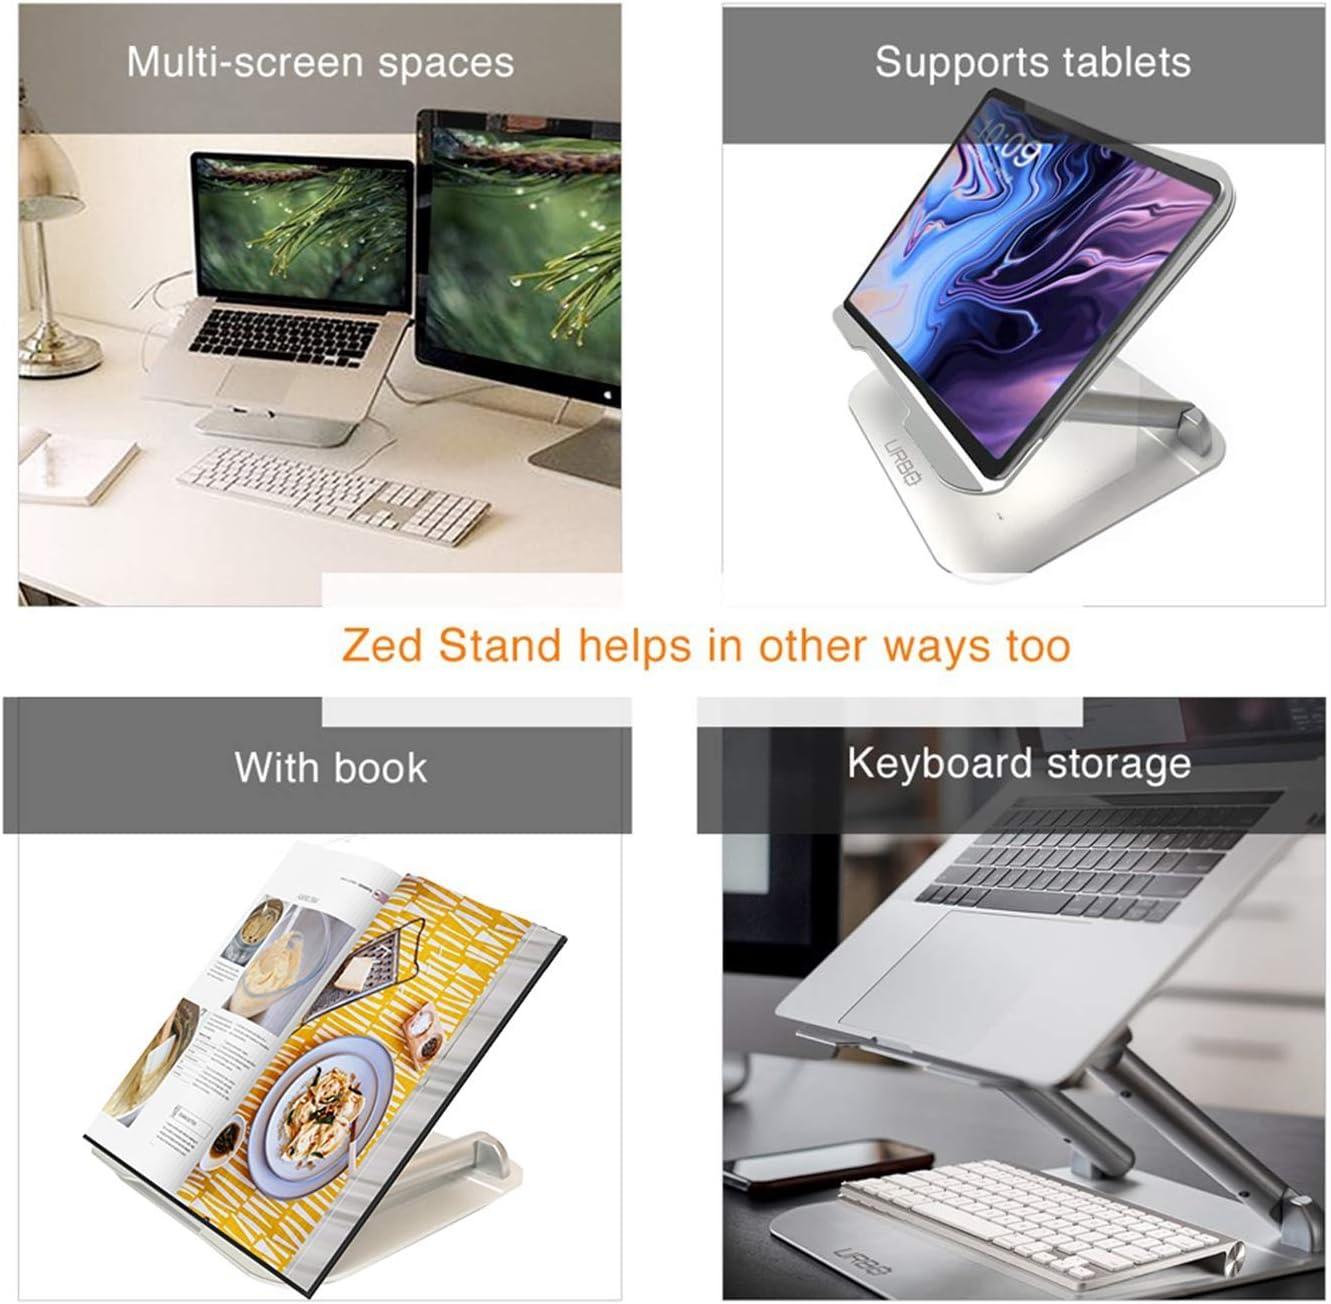 Urbo Koets Mehrzweck Laptop St/änder Vertikal und Horizontal Notebook St/änder mit Zwei Halterungen f/ür Verschiedene Breiten Perfektes B/üro Zubeh/ör Geschlossener Modus